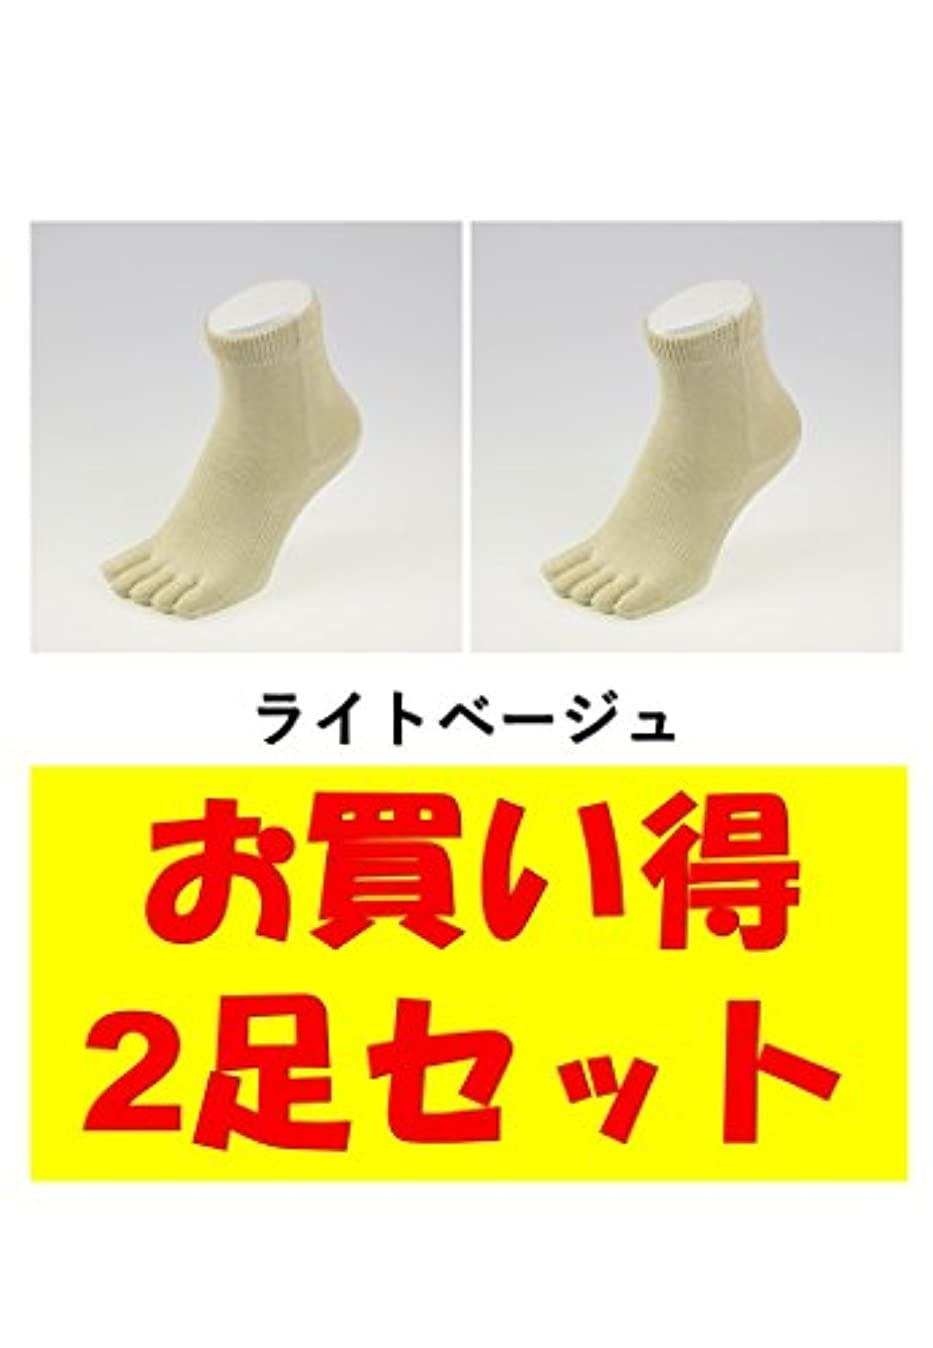 間違いなく百科事典ベースお買い得2足セット 5本指 ゆびのばソックス Neo EVE(イヴ) ライトベージュ iサイズ(23.5cm - 25.5cm) YSNEVE-BGE